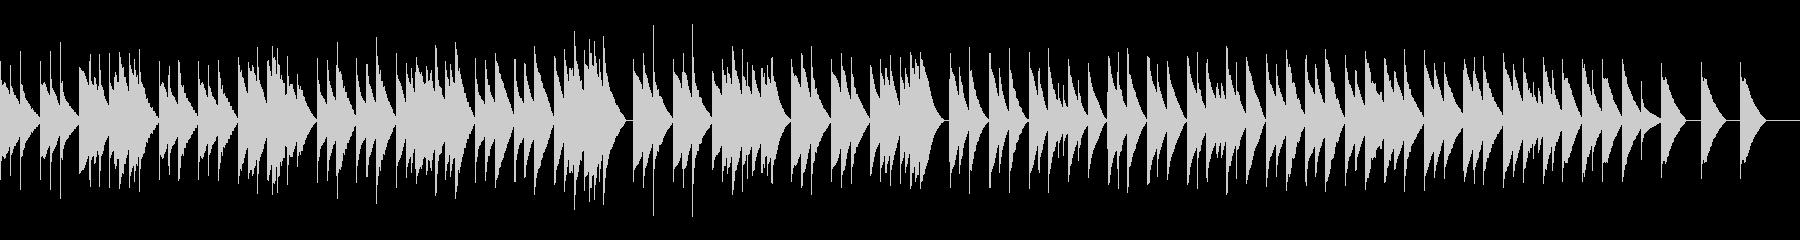 2. オーセの死 (オルゴール)の未再生の波形